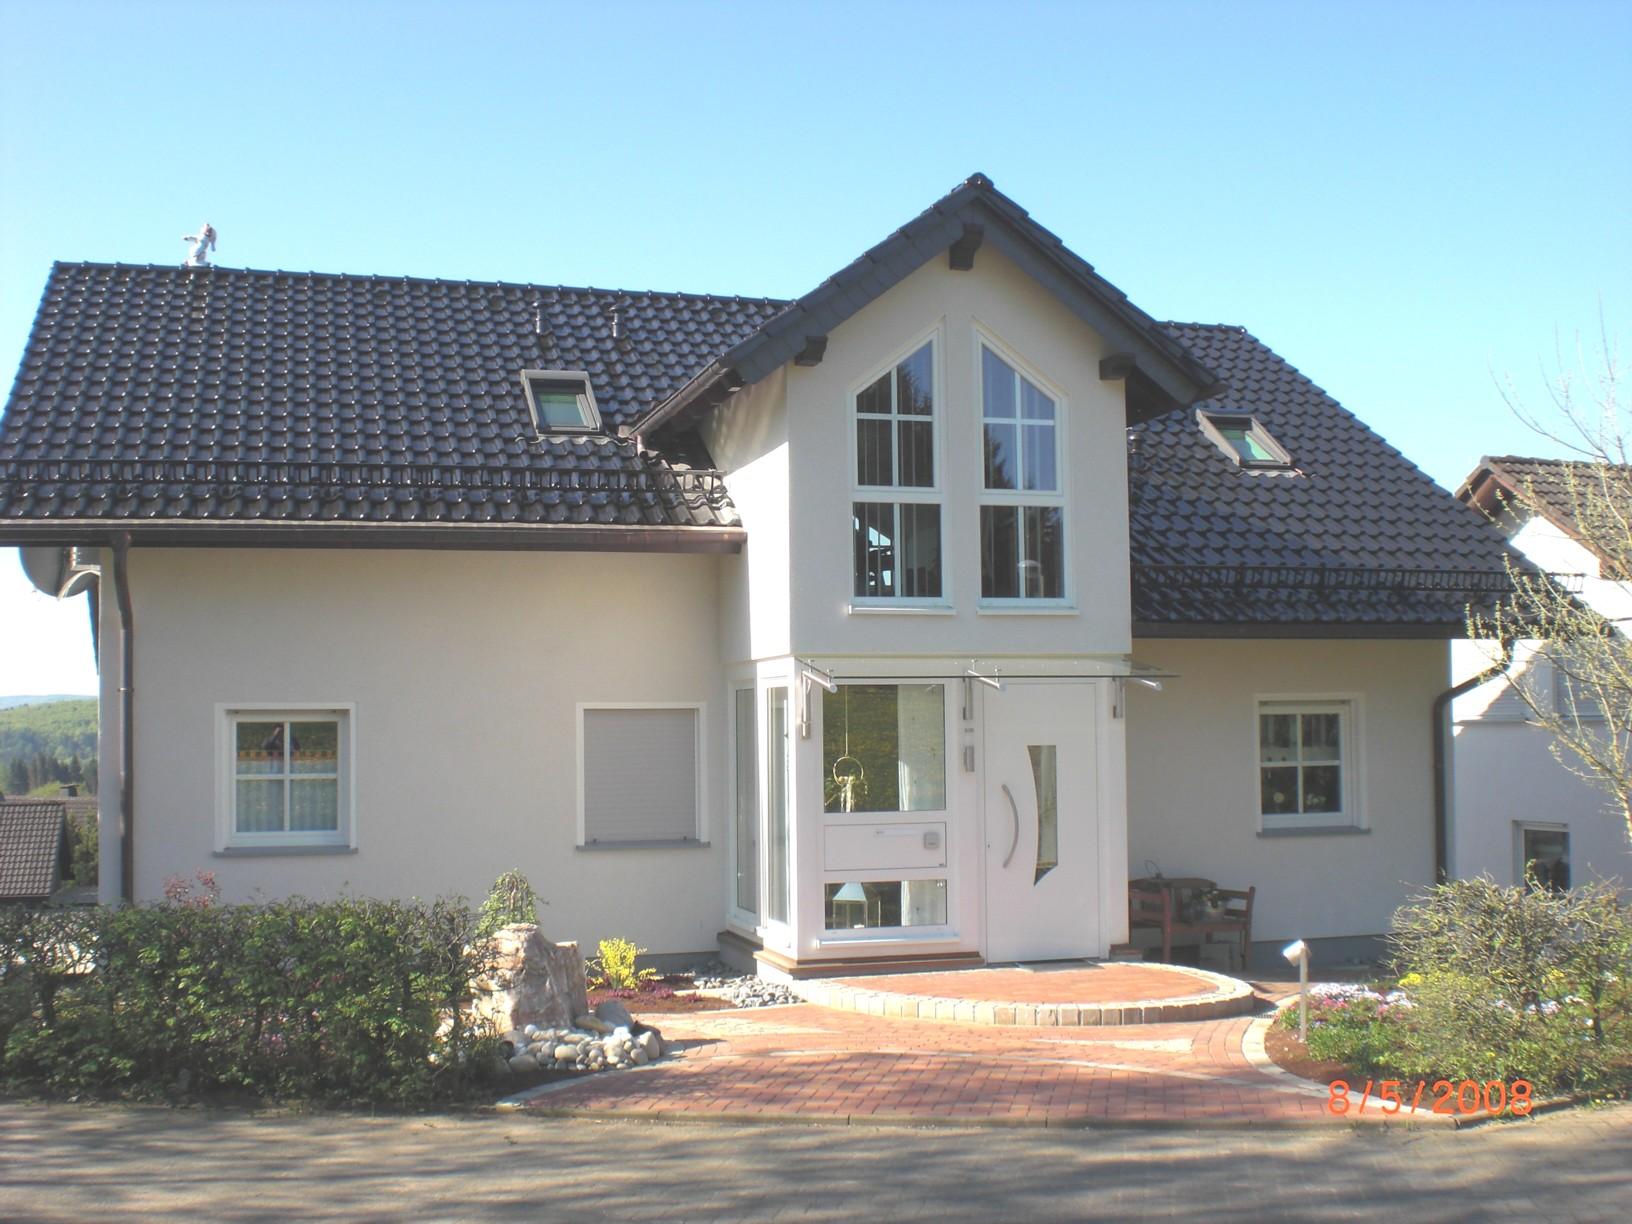 Wohnhaus wohnhaus mit zeltdach wohnhaus in mnchenstein for Wohnhaus modern